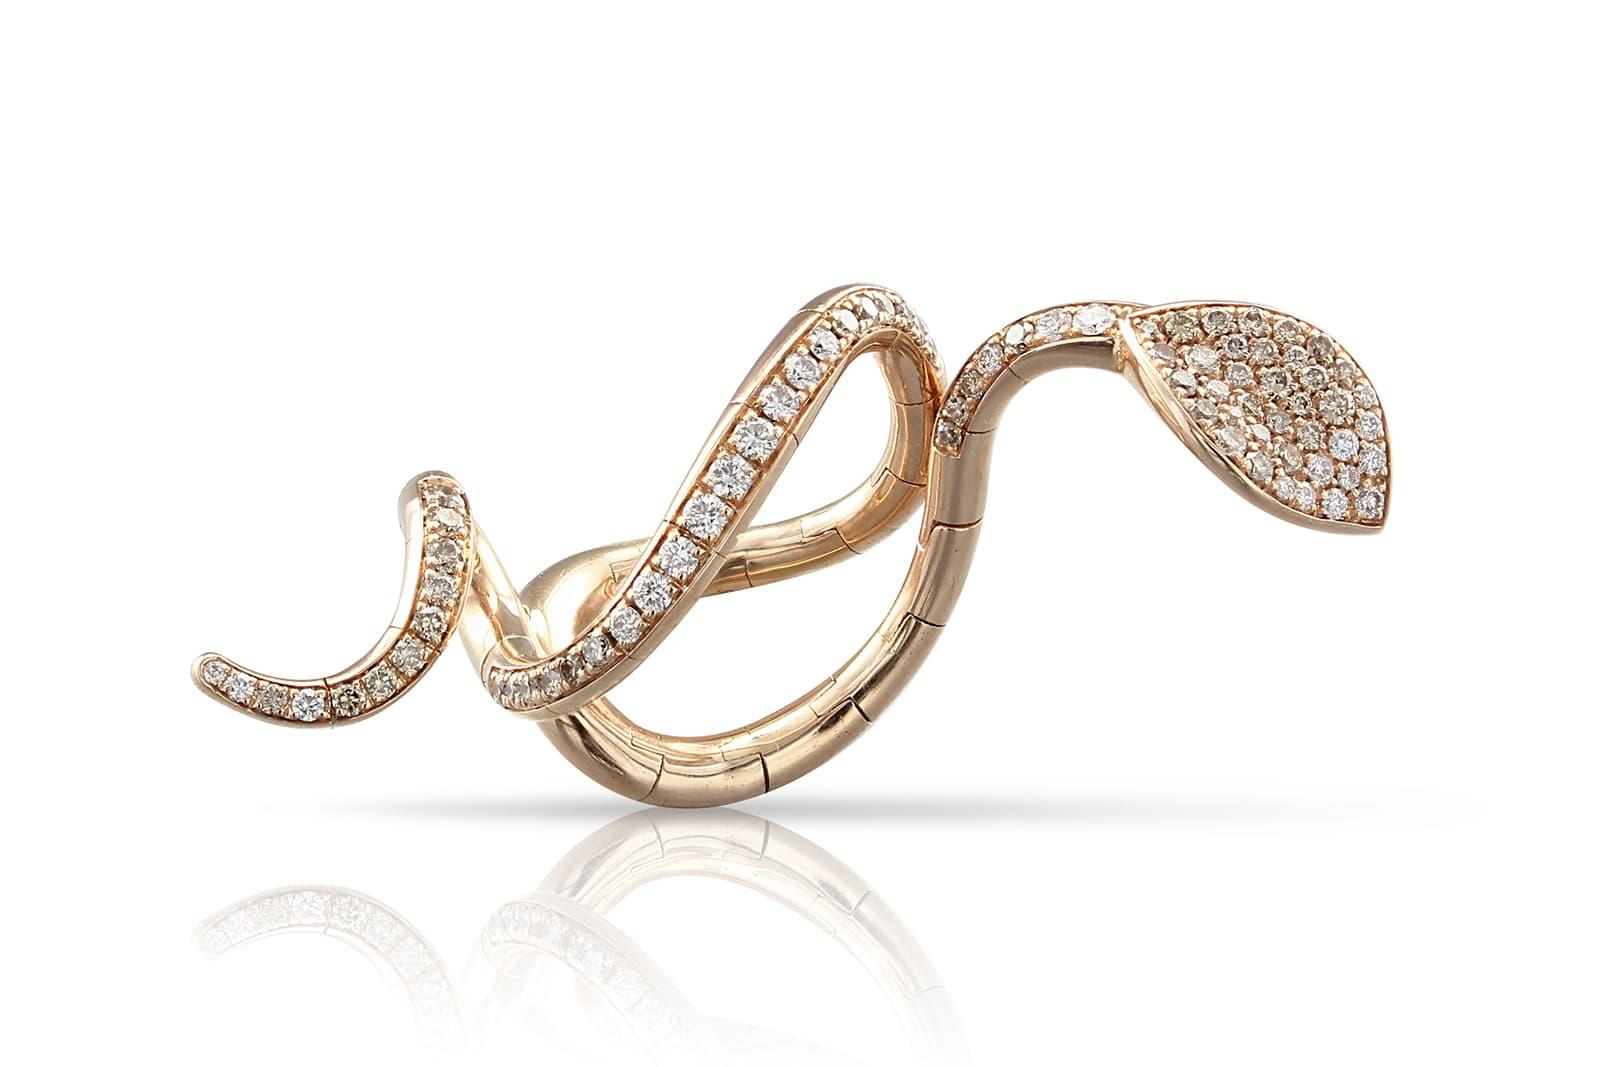 Образ змеи в бижутерии и ювелирном искусстве - Pasquale-Bruni